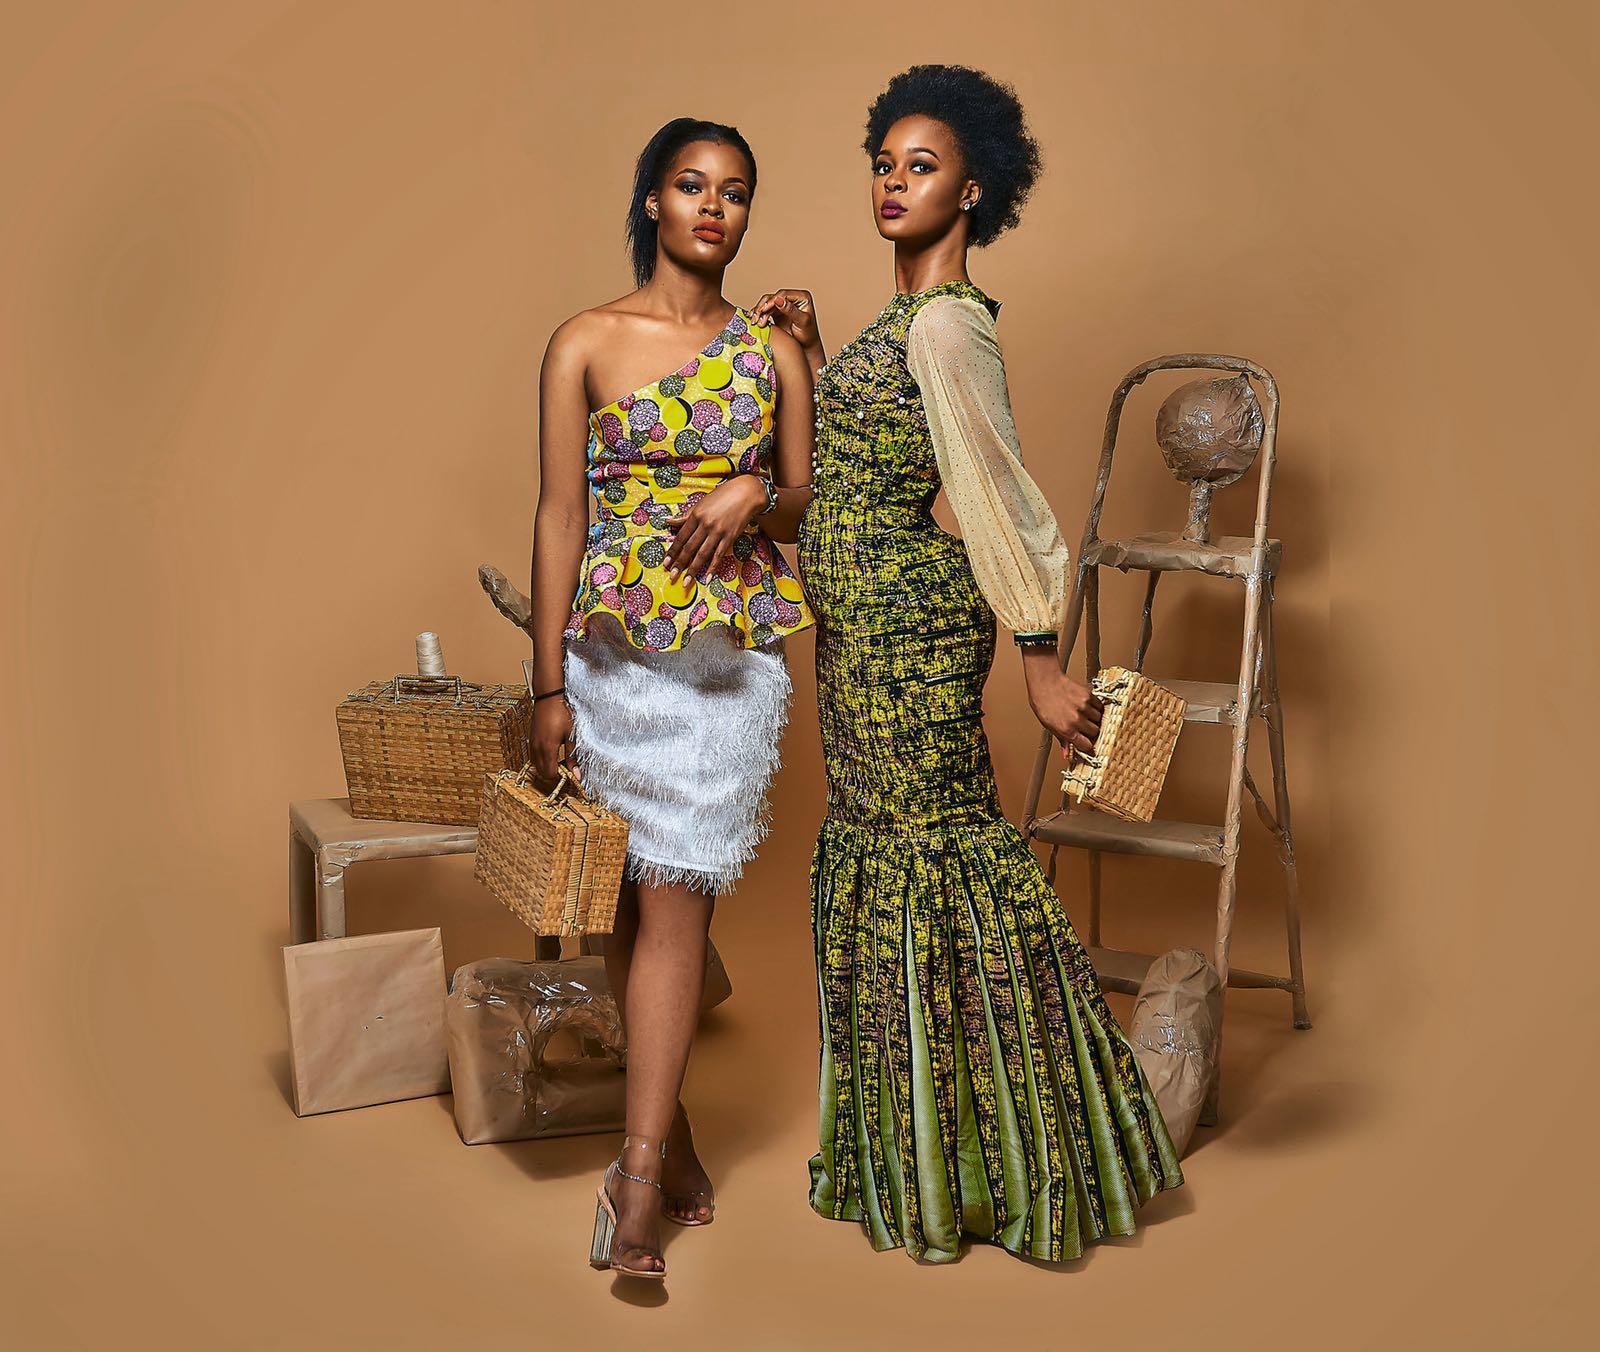 Cleo de nile fashion pack 46